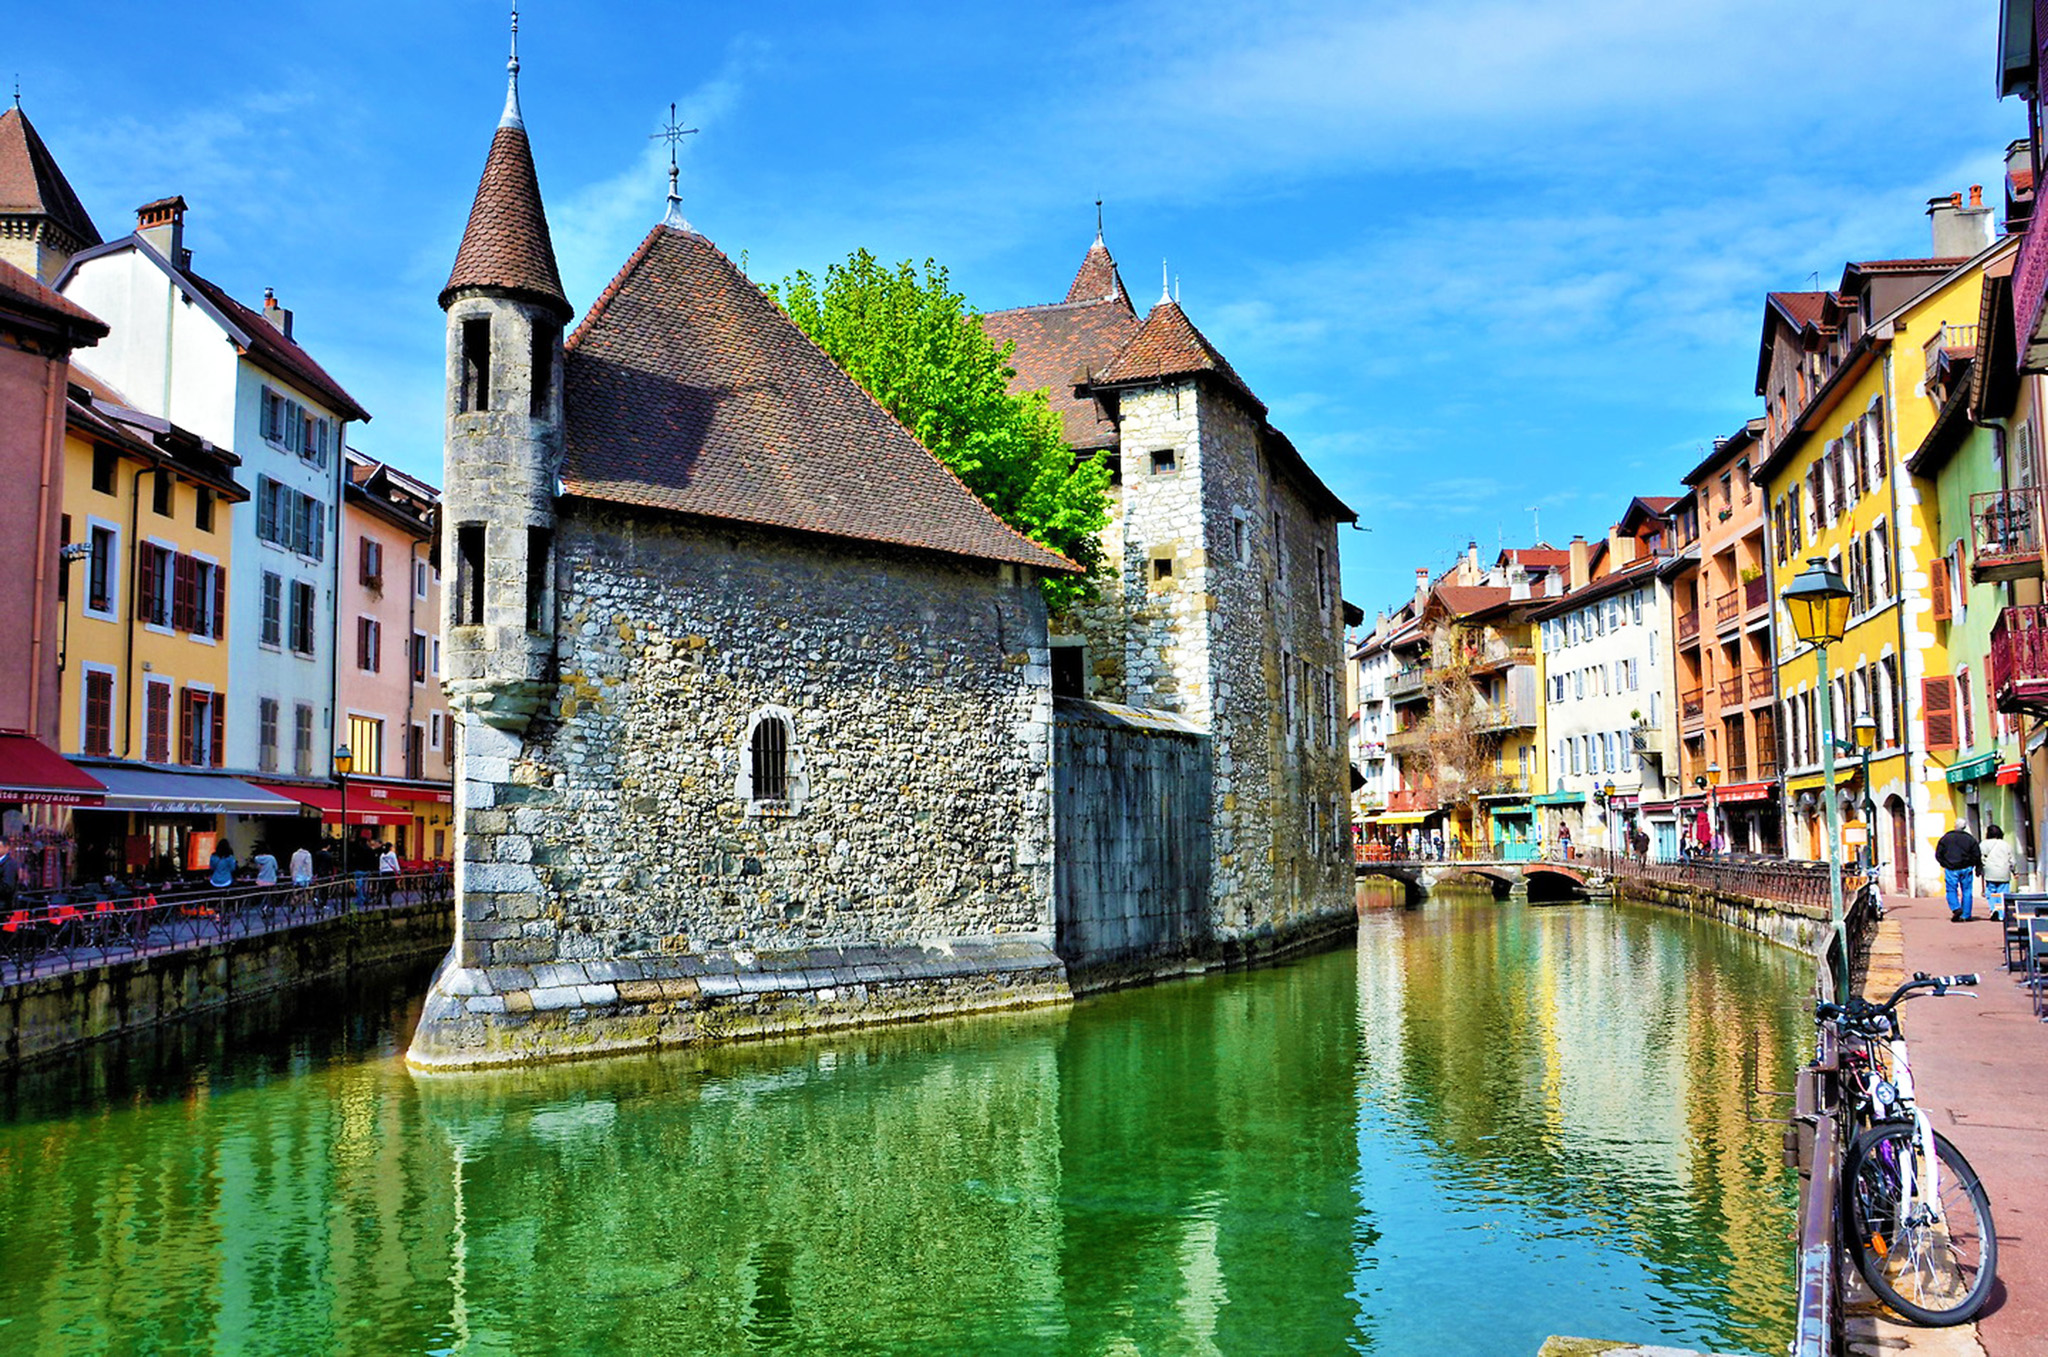 kt_2020_370_Keytours_excursions_Swisstours_annecy_palais_de_lile3_2048_10